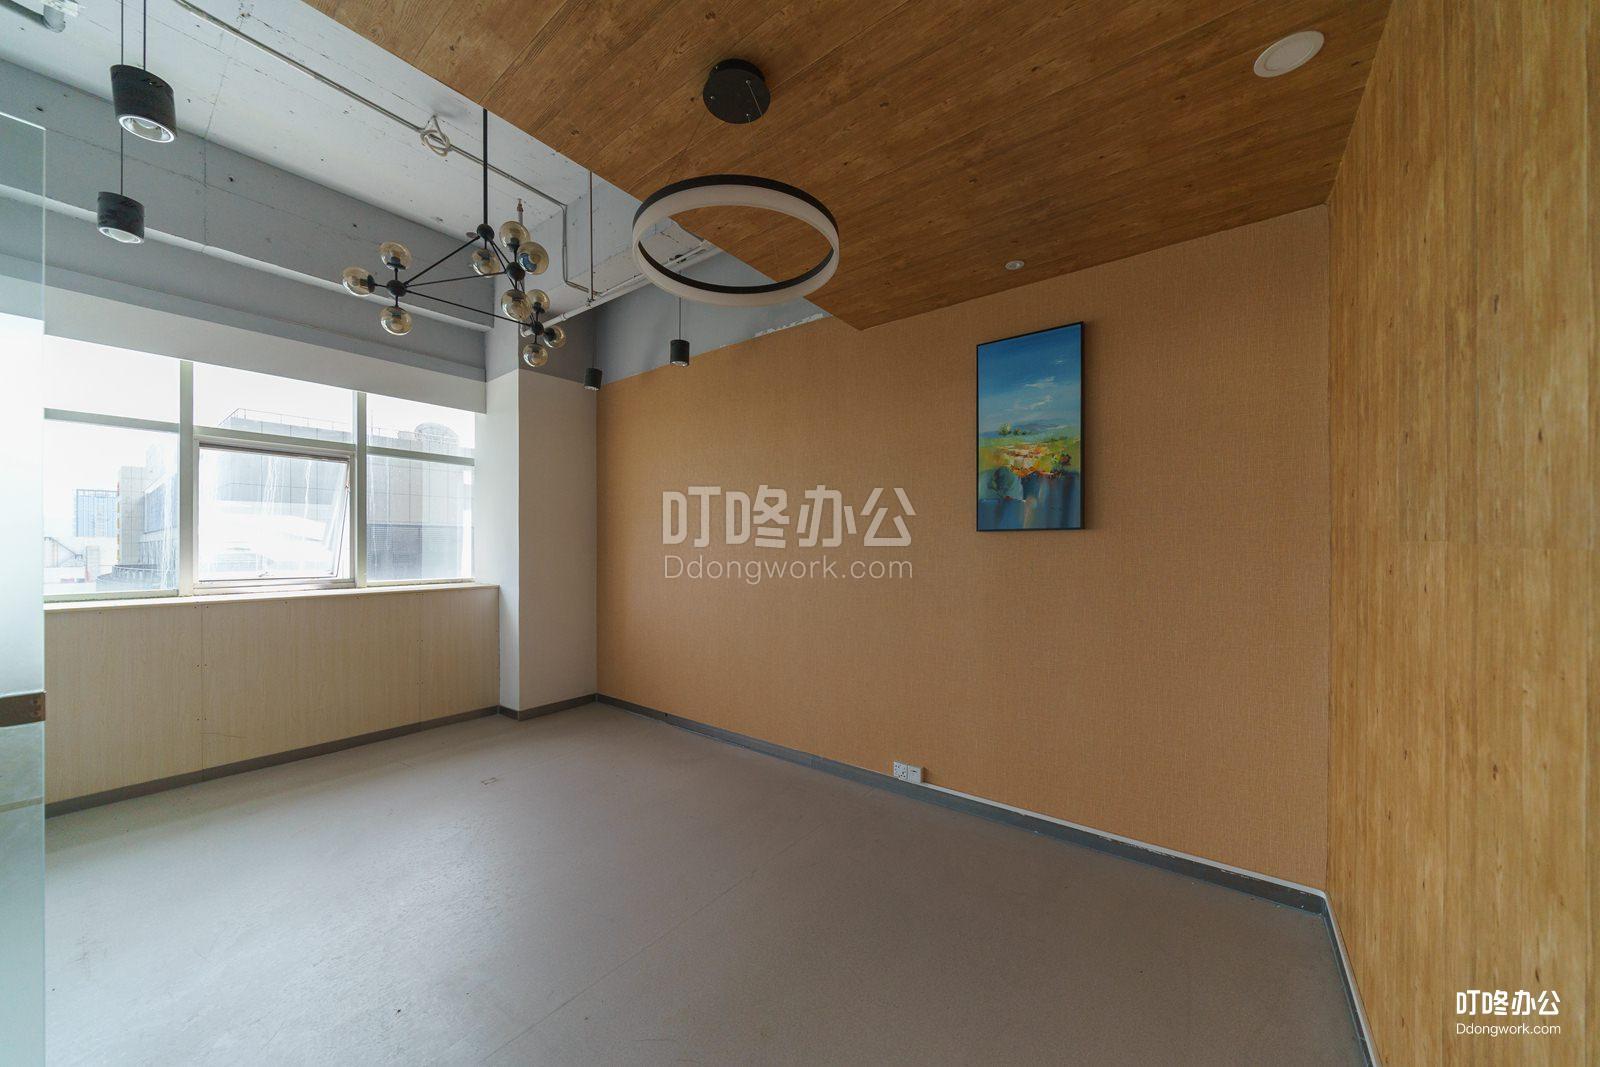 蓝马创业 · 蓝马智造园站独立空间